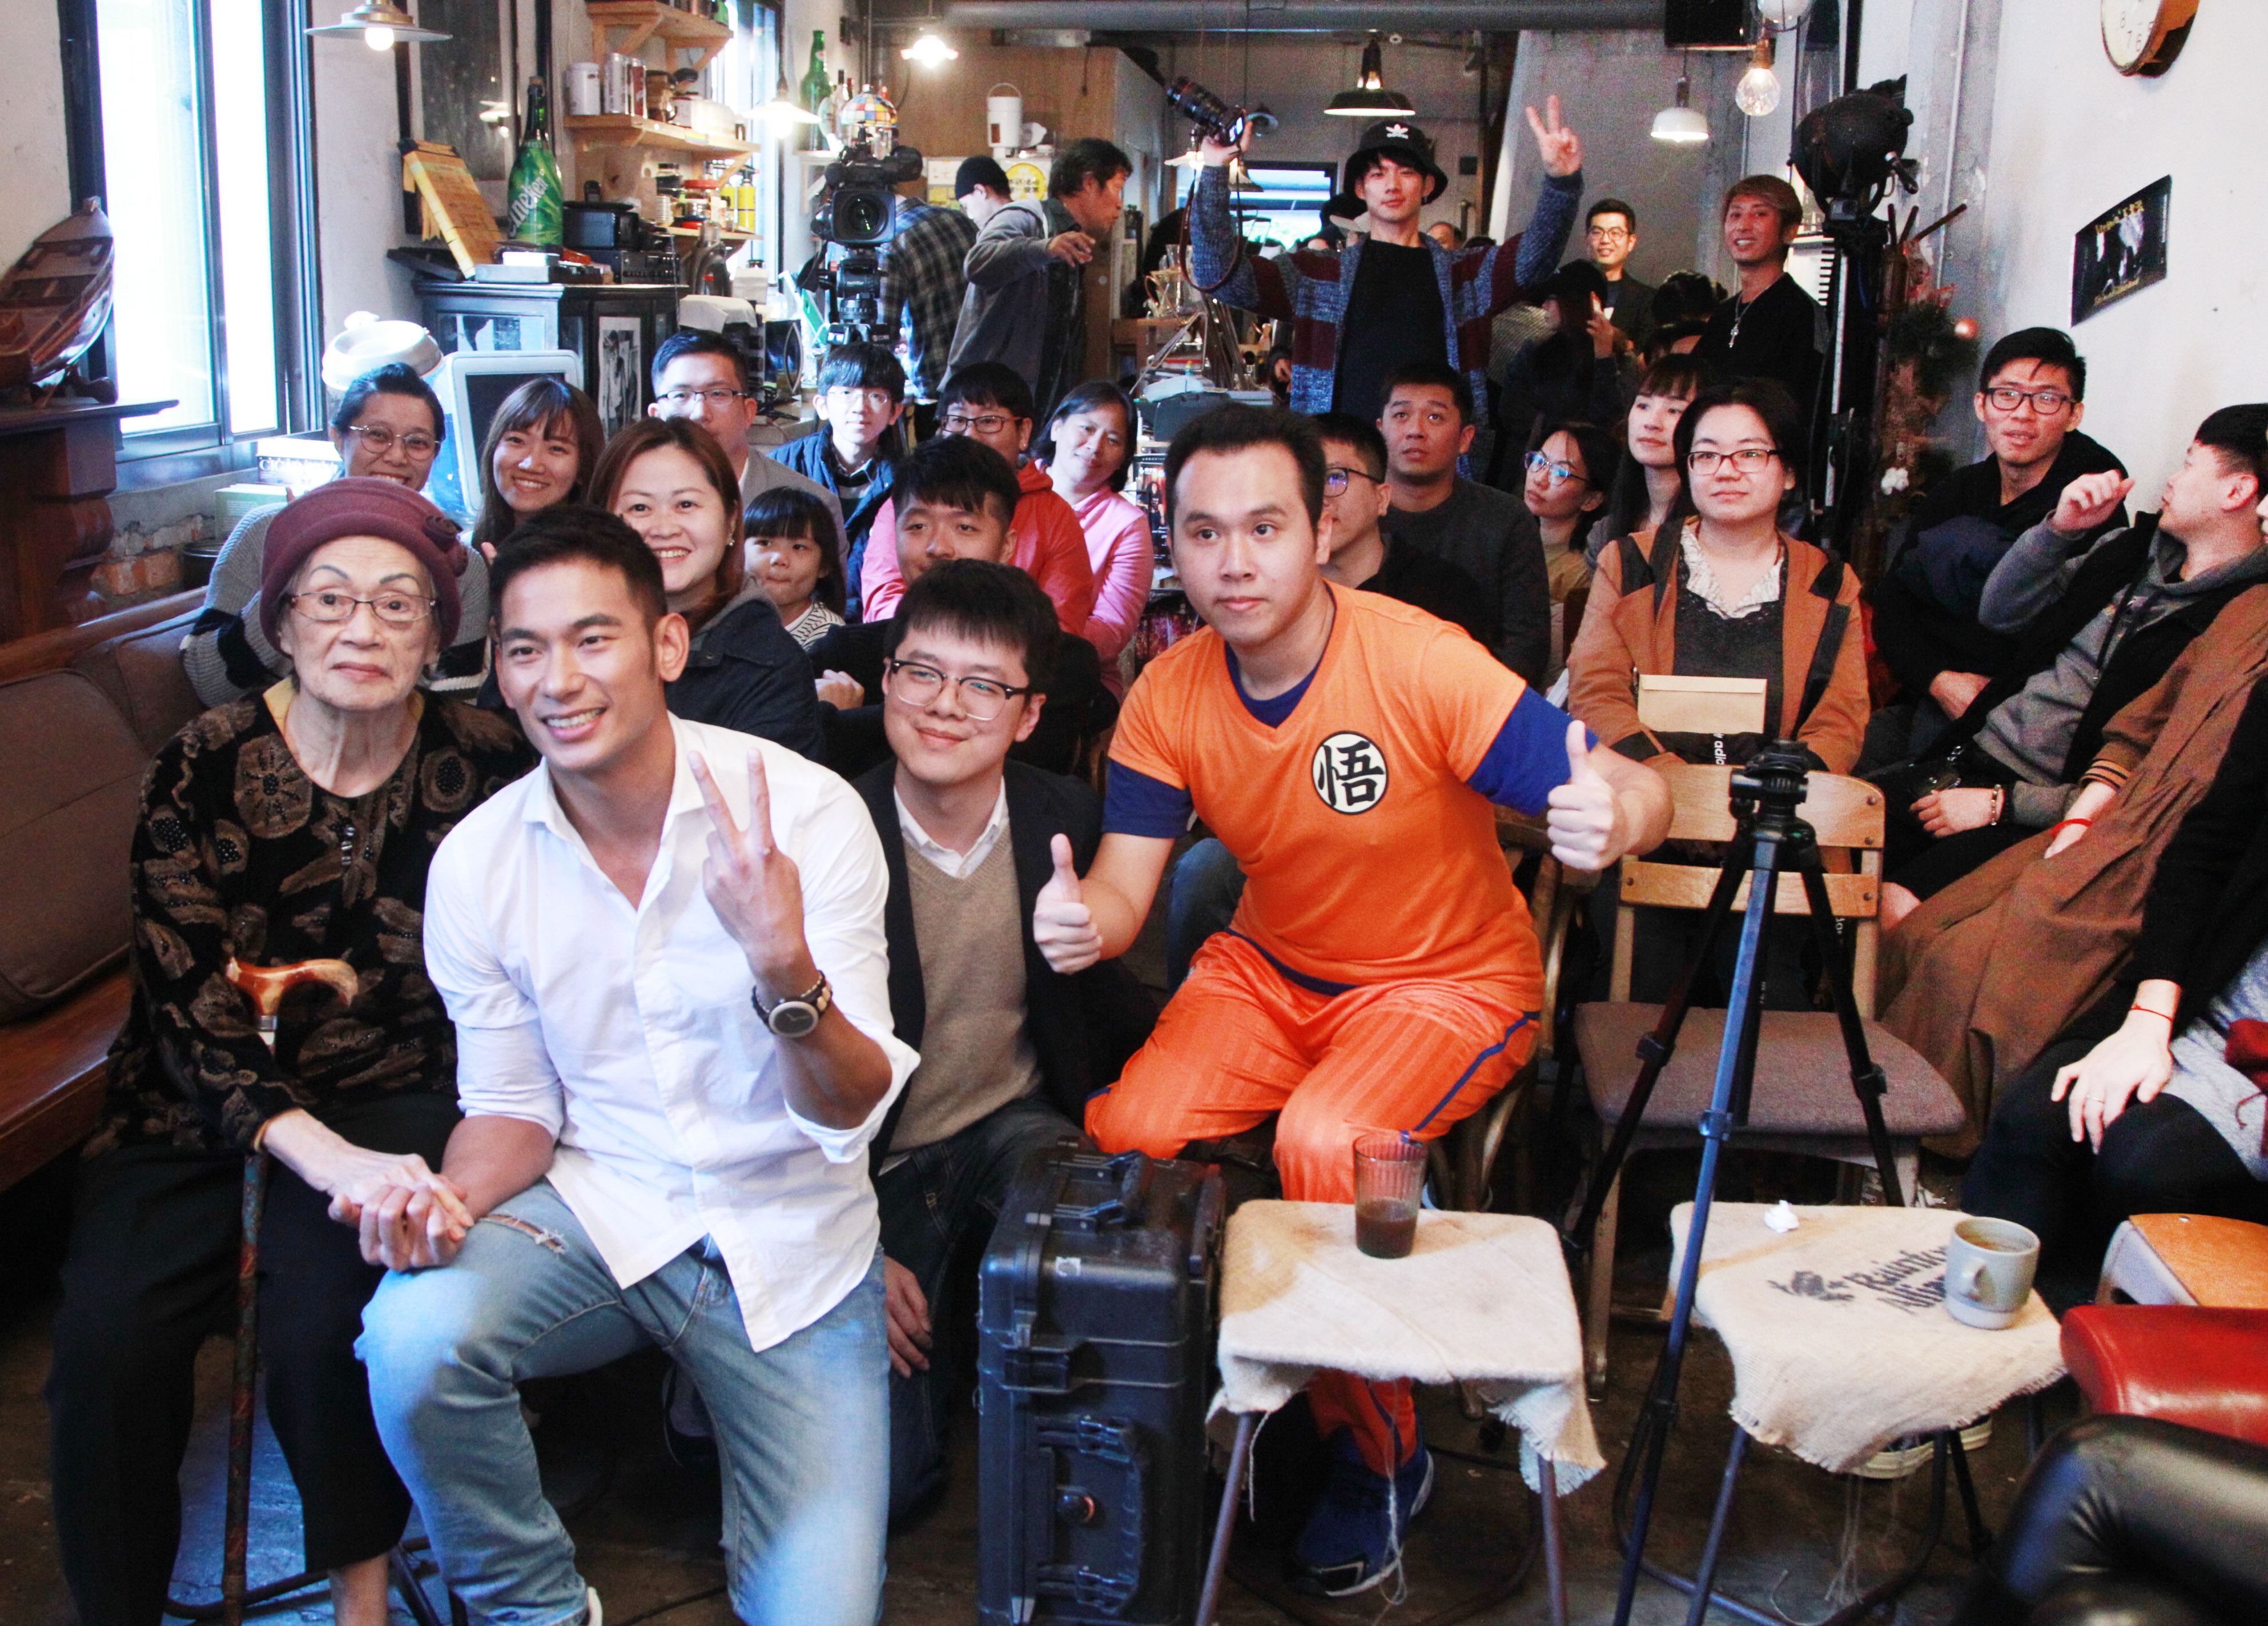 亮哲生日當天舉辦小型歌友會,首度發布台語創作「囝仔」。(記者邱榮吉/攝影)